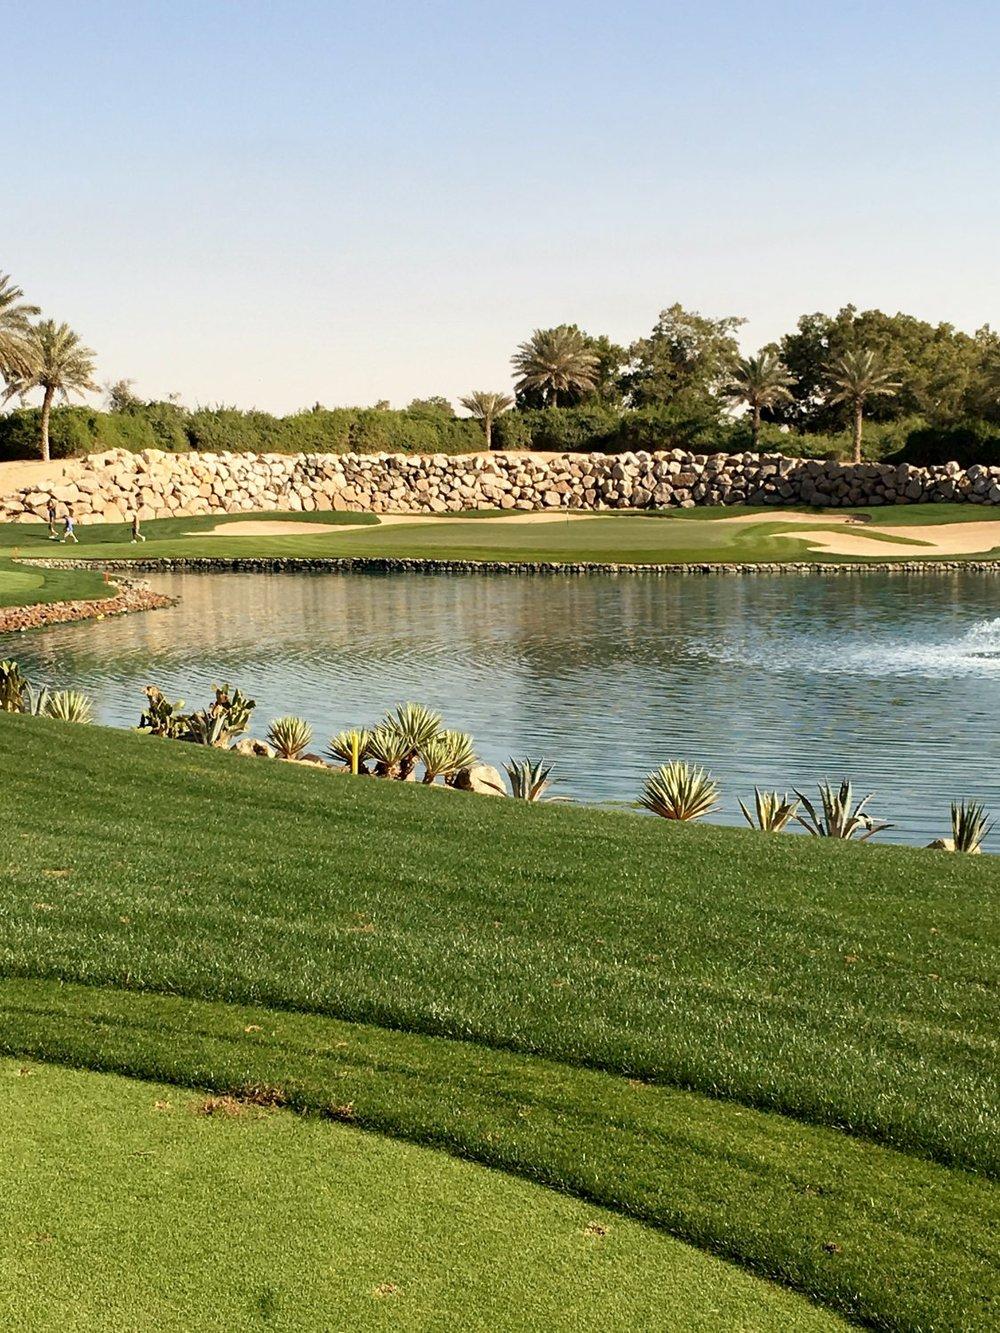 Abu Dhabi 12th